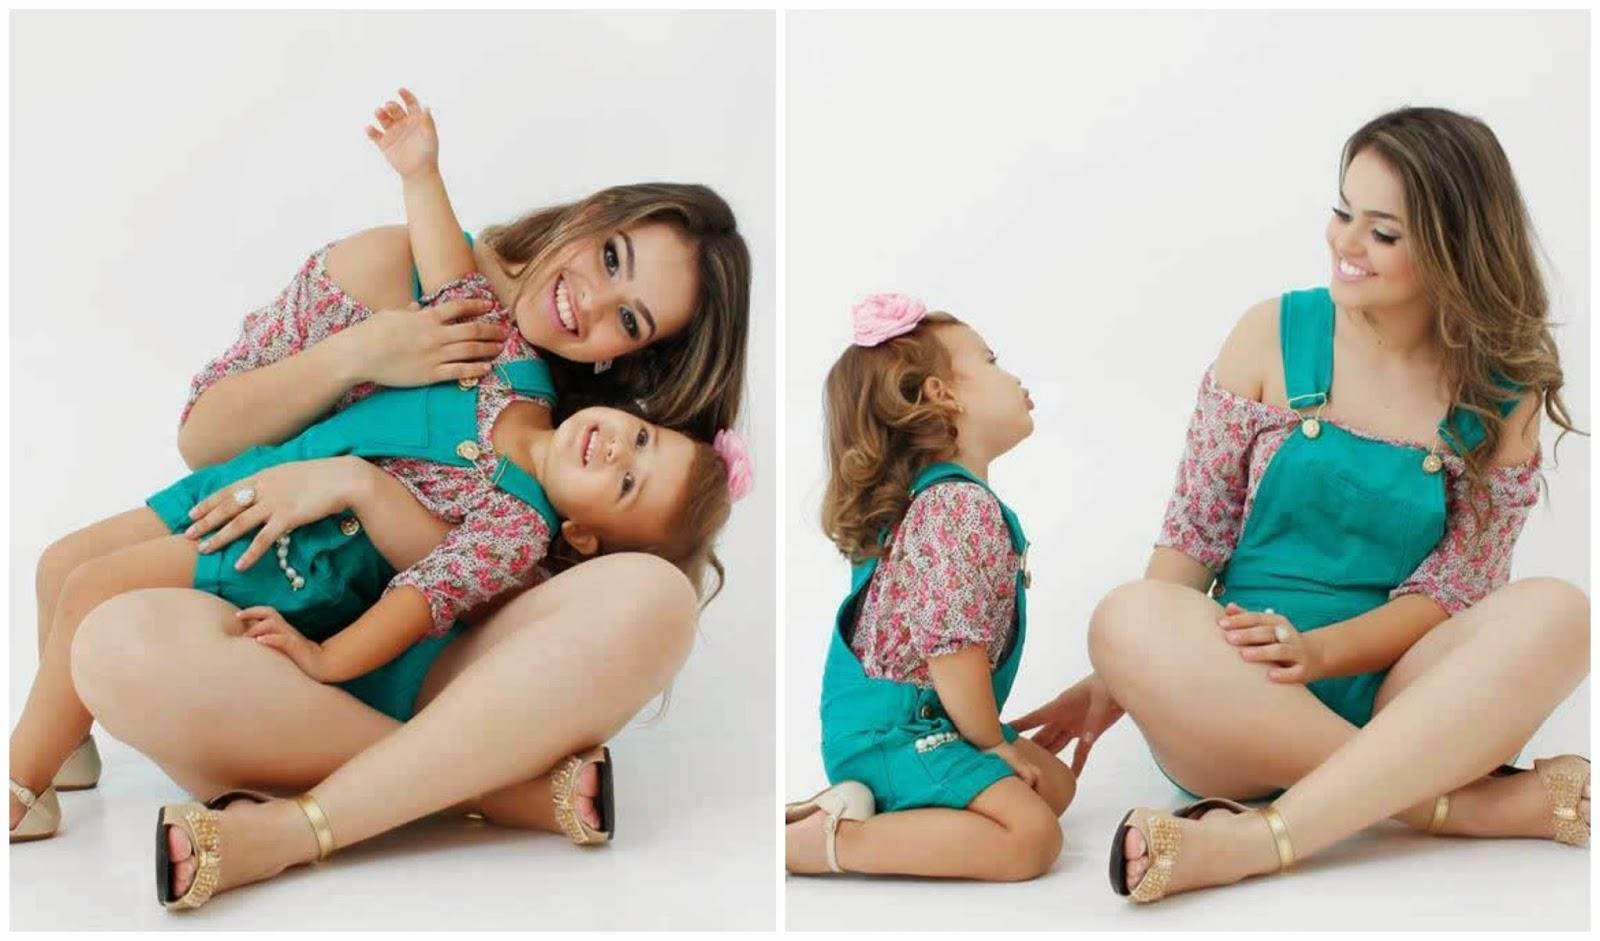 Nova Coleção Tal Mãe Tal Filha - Bela Pequena